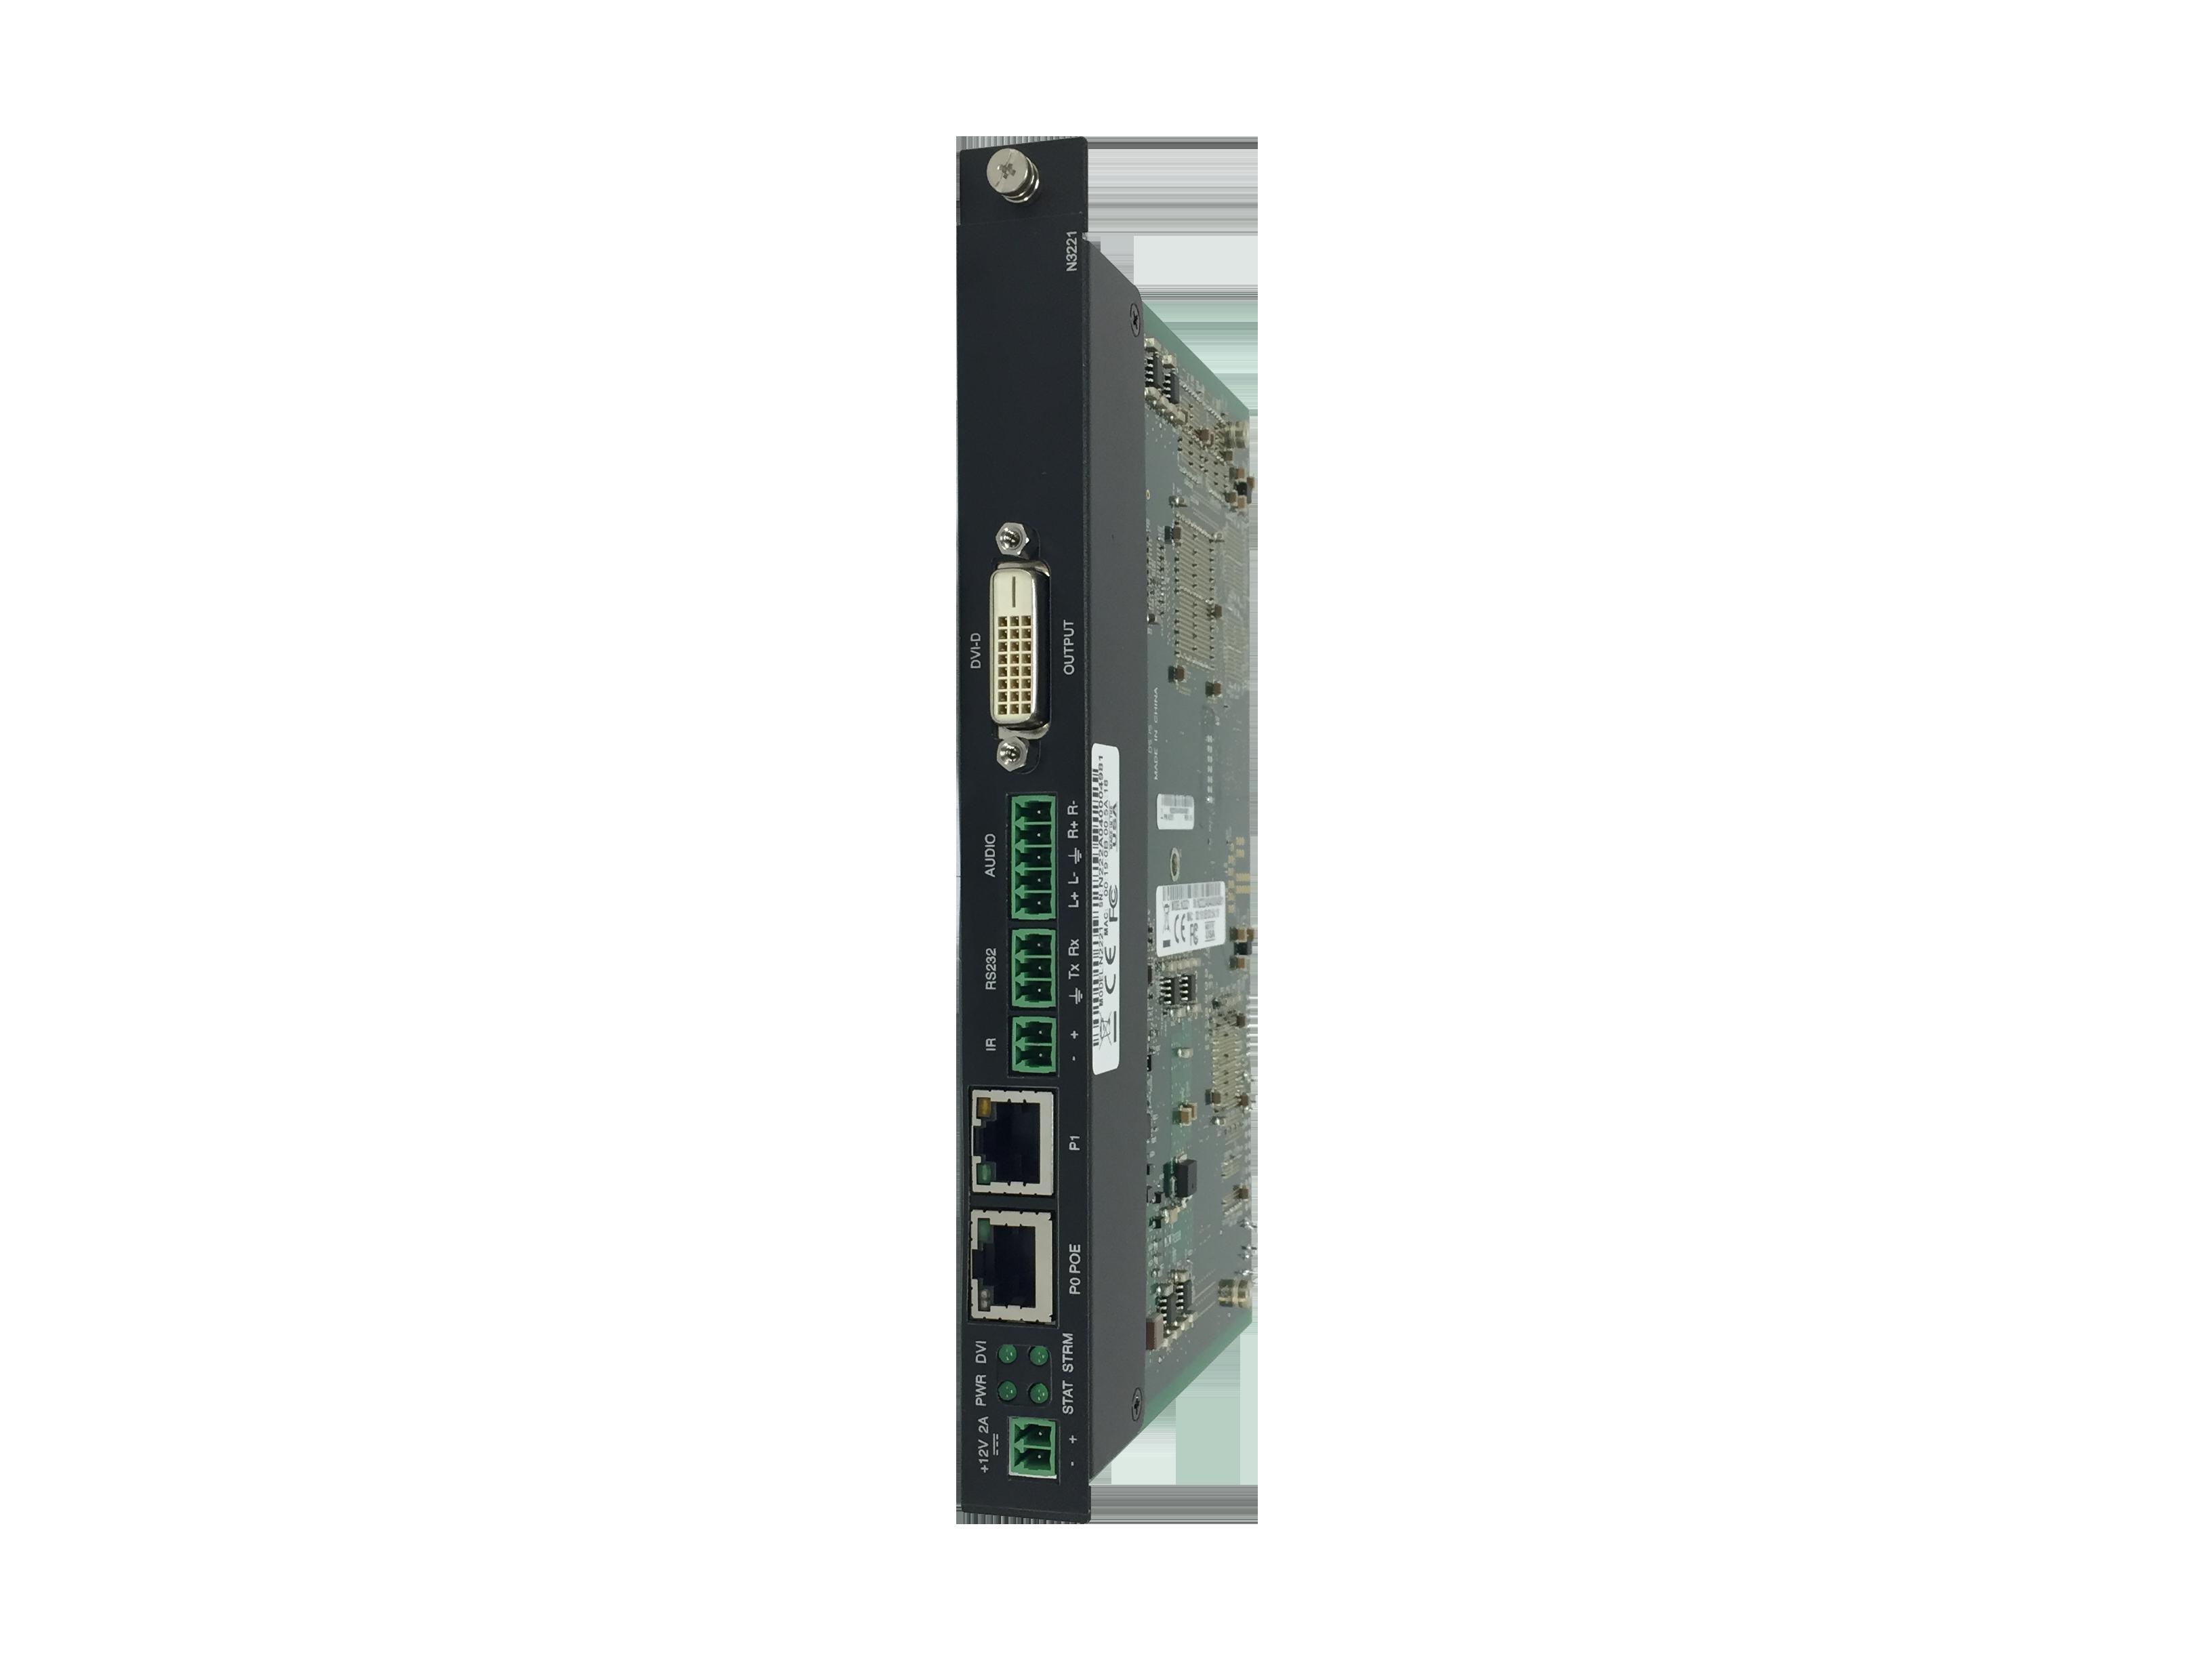 NMX-DEC-N3221-C Front